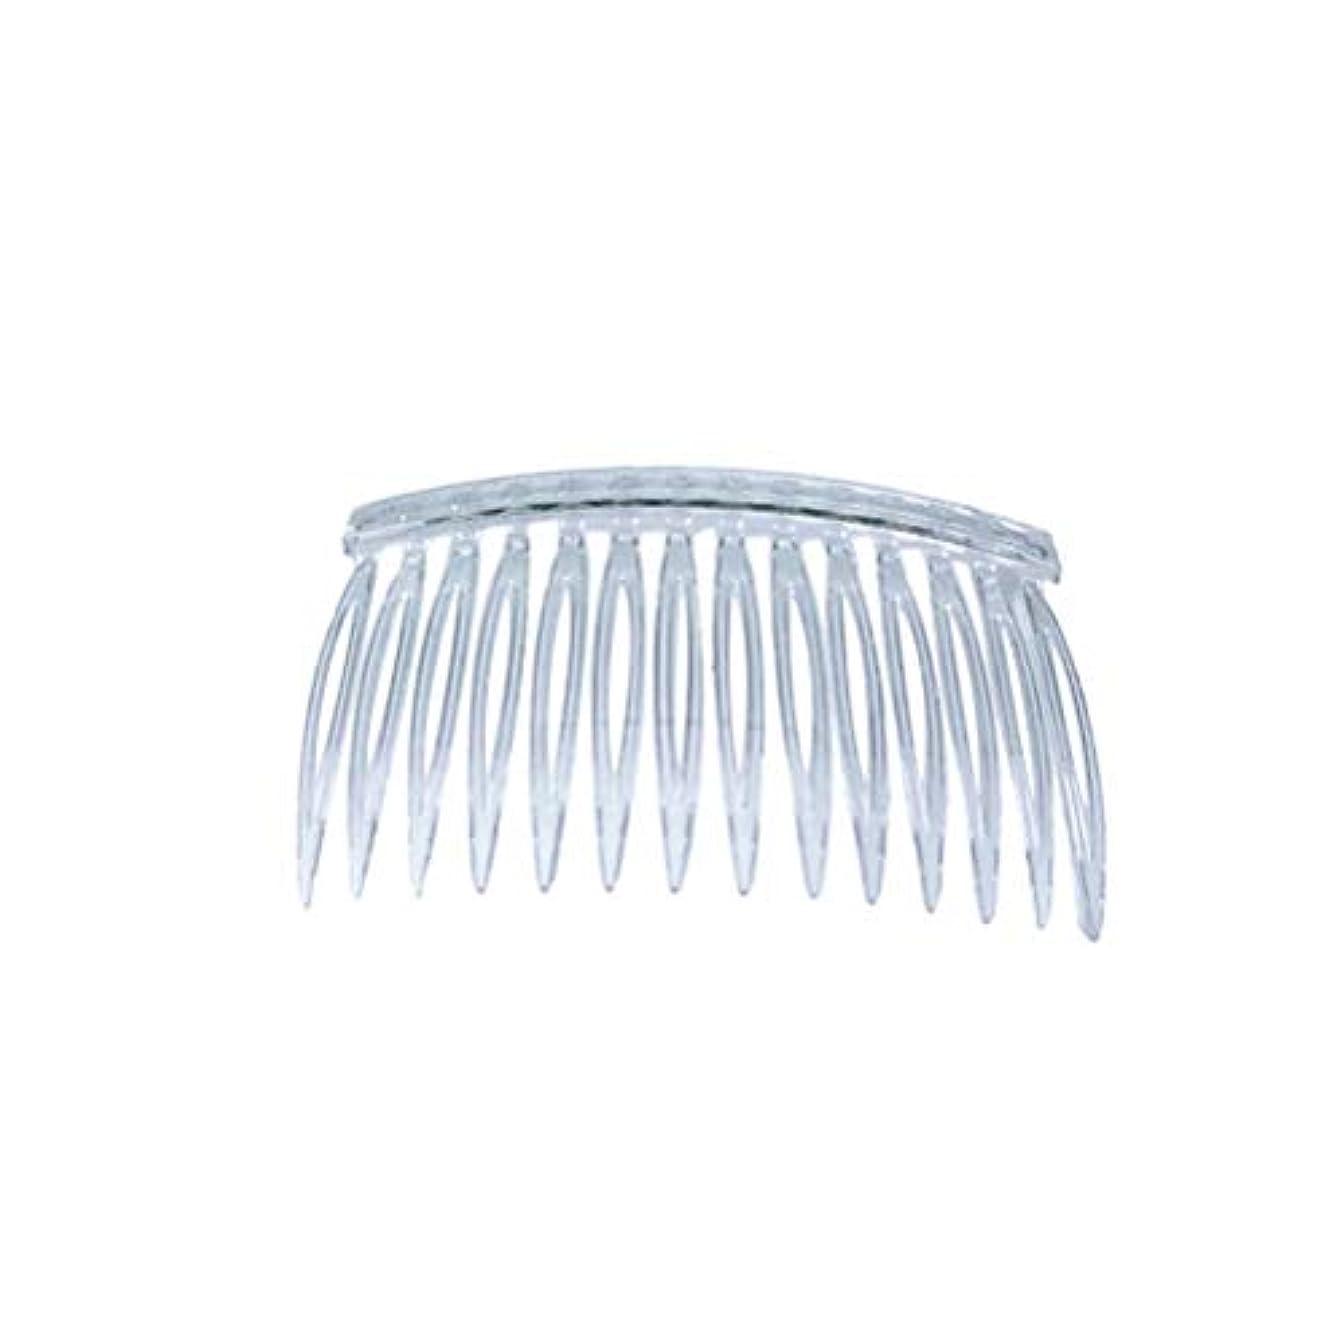 下るステップ柱Frcolor ヘアコーム ヘアアレンジ コーム かんざし ヘッドドレス 髪の櫛 髪飾り ヘアアクセサリー まとめ髪 プラスチック 透明 10本セット